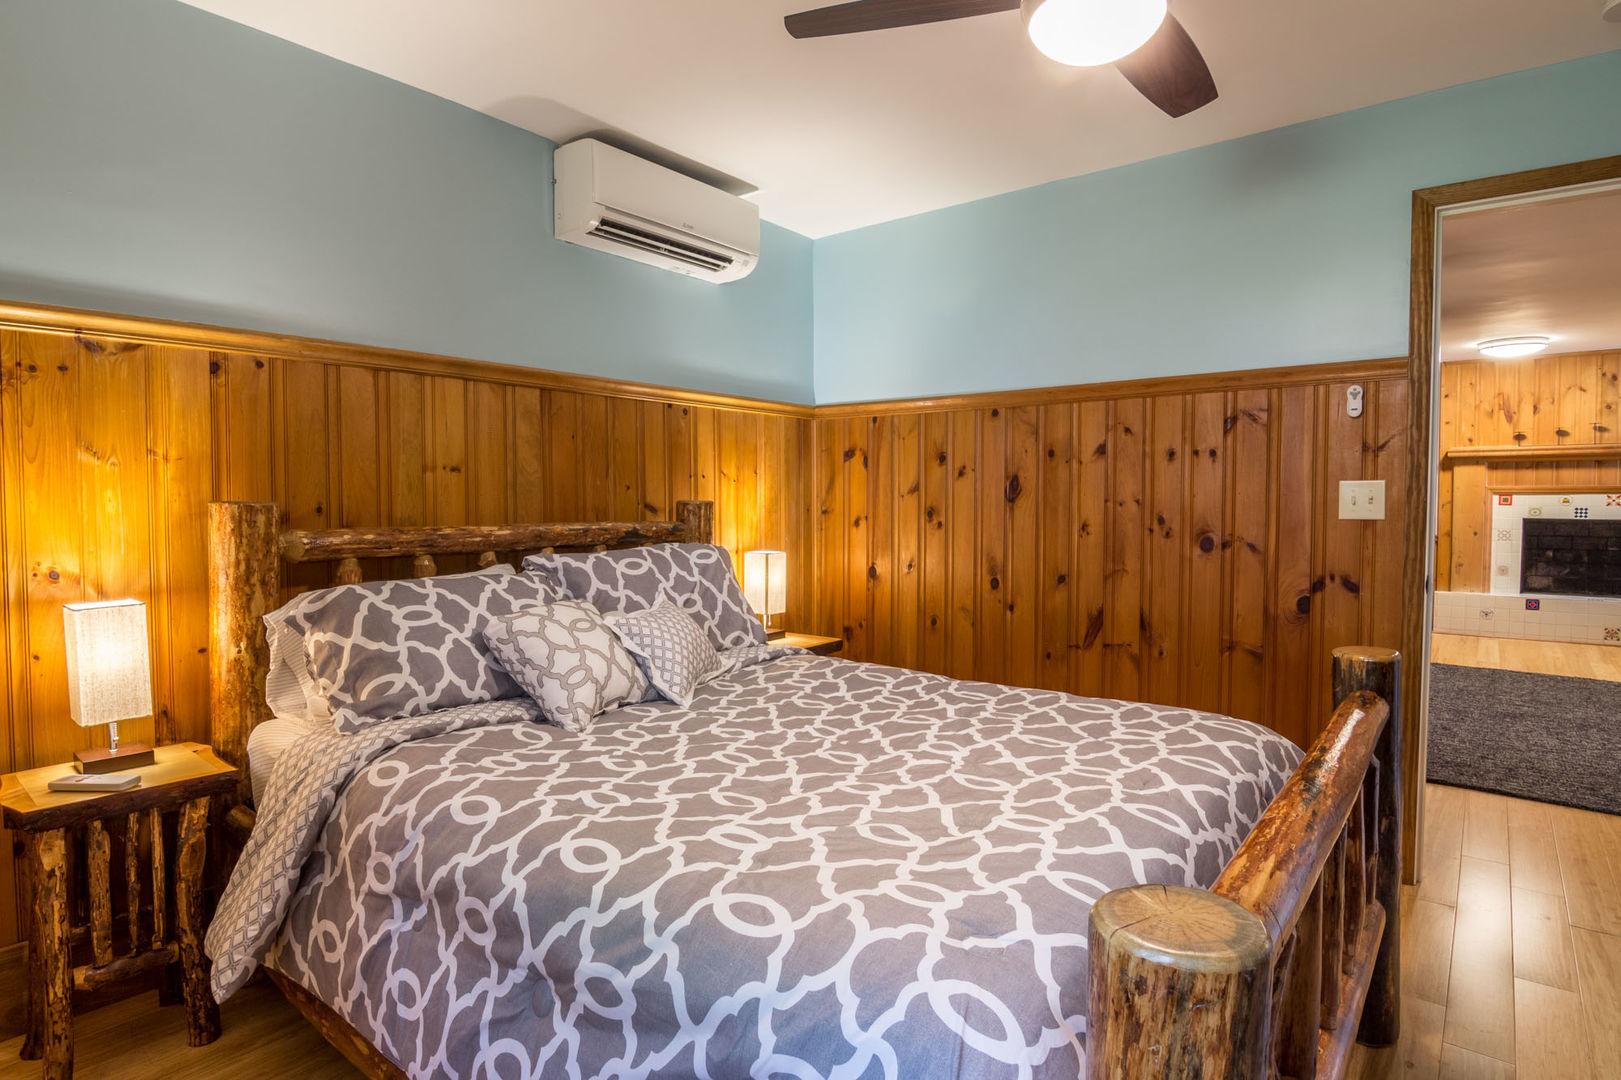 Queen sized bedroom